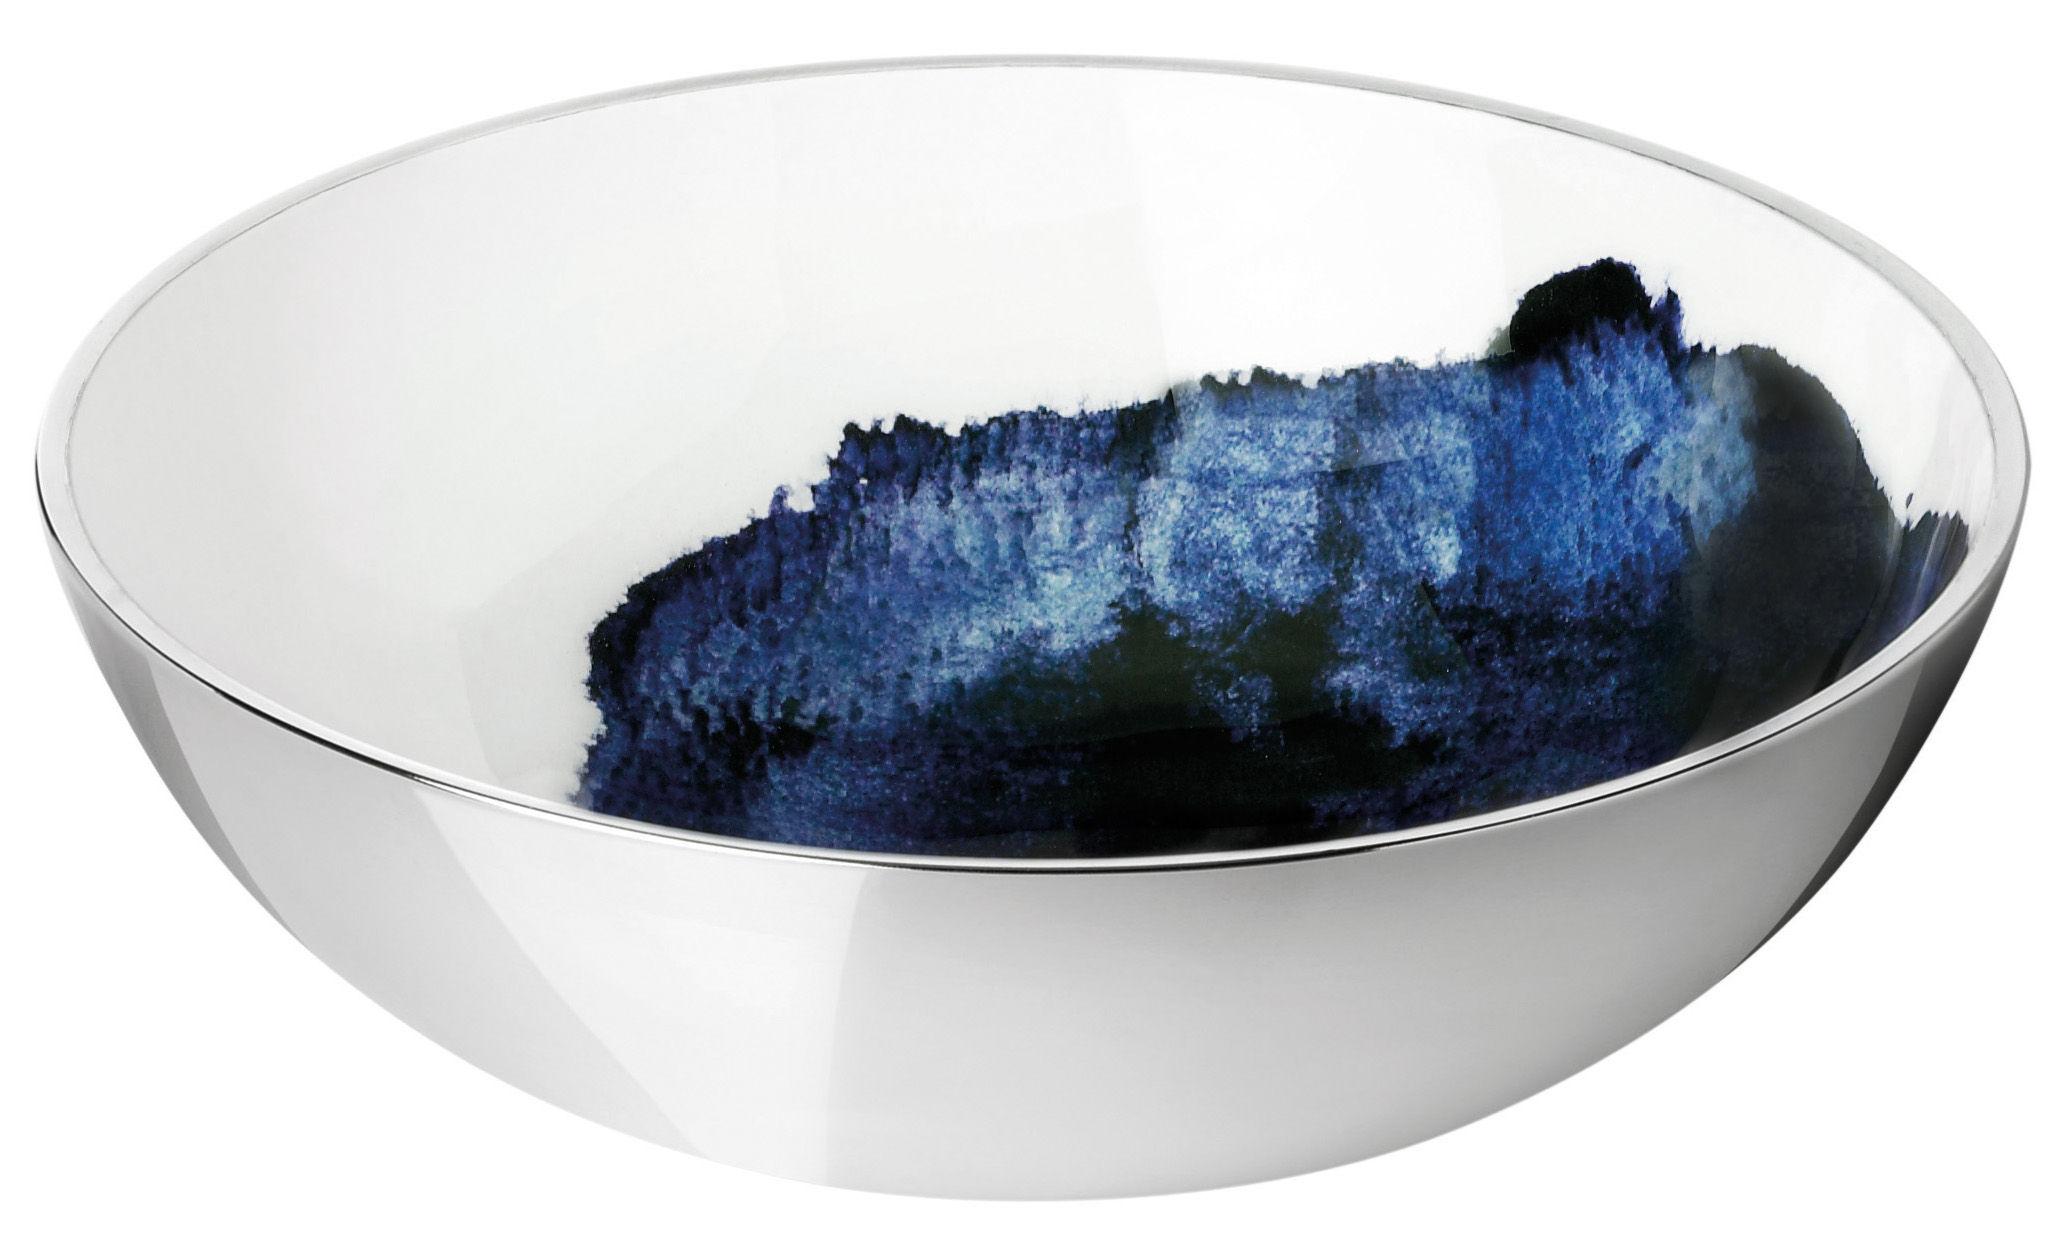 Tischkultur - Salatschüsseln und Schalen - Stockholm Aquatic Schale / Ø 20 cm x H 7 cm - Stelton - Außenseite metallfarben / Innenseite weiß & blau - Aluminium, emaillierte Keramik